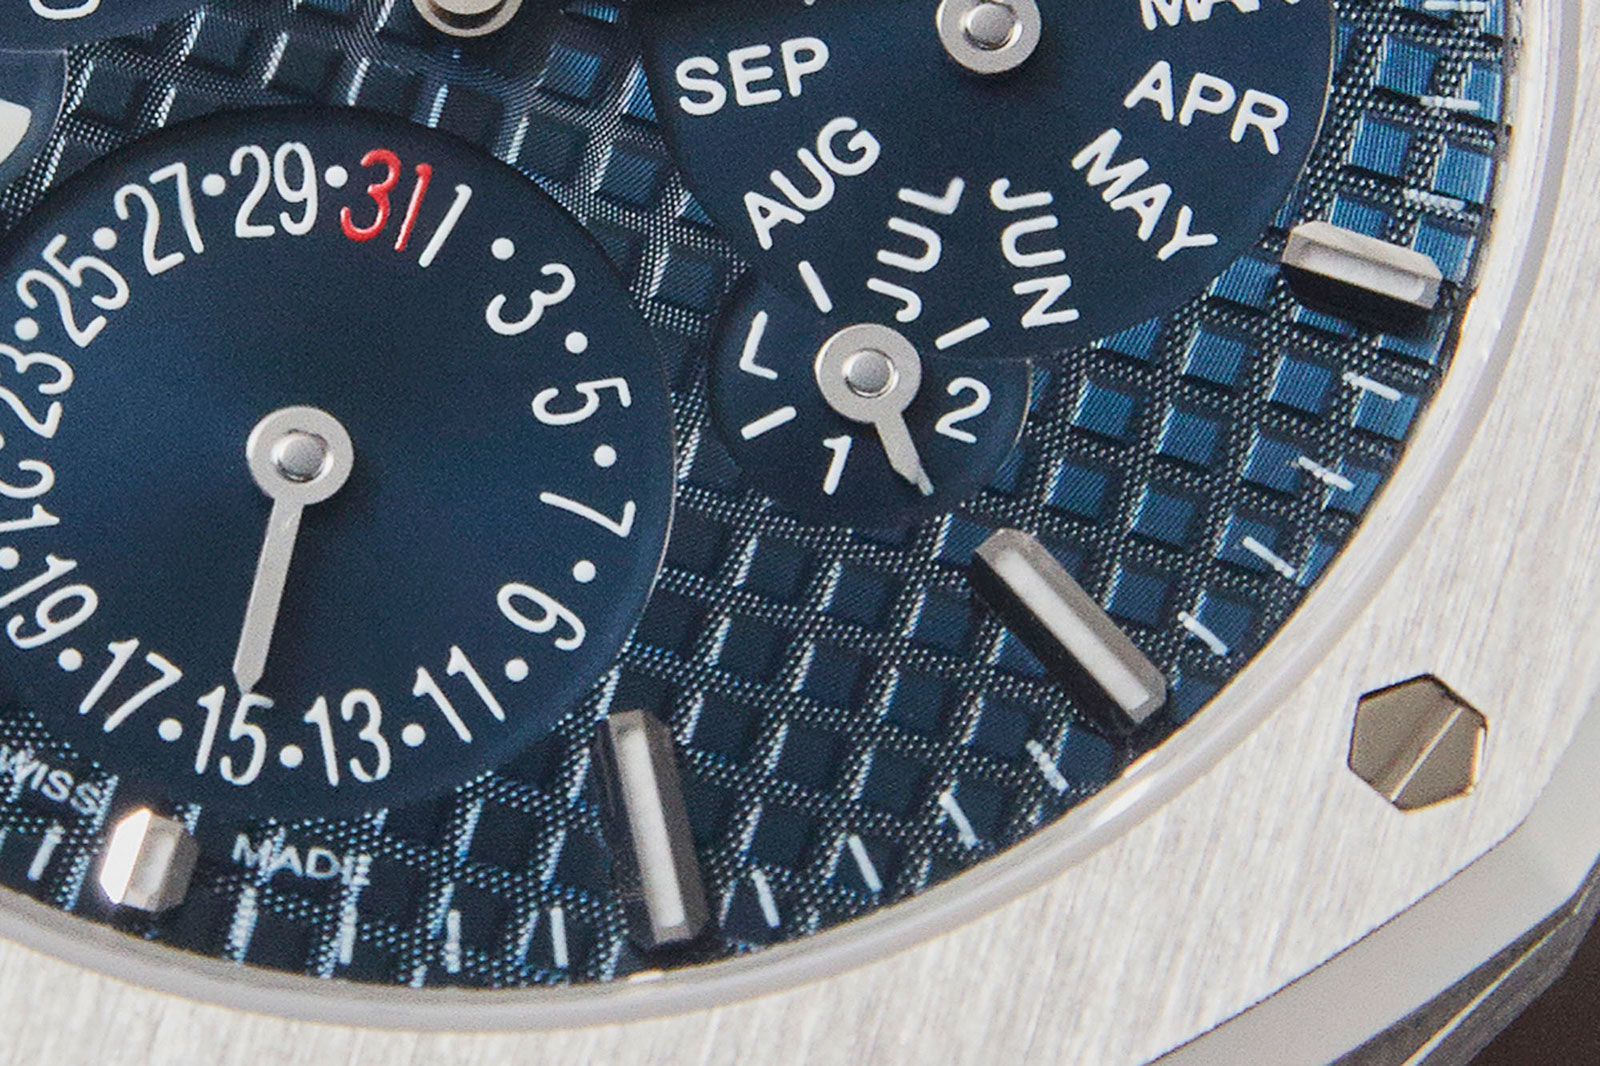 AP Royal Oak #RD2 perpetual calendar 1